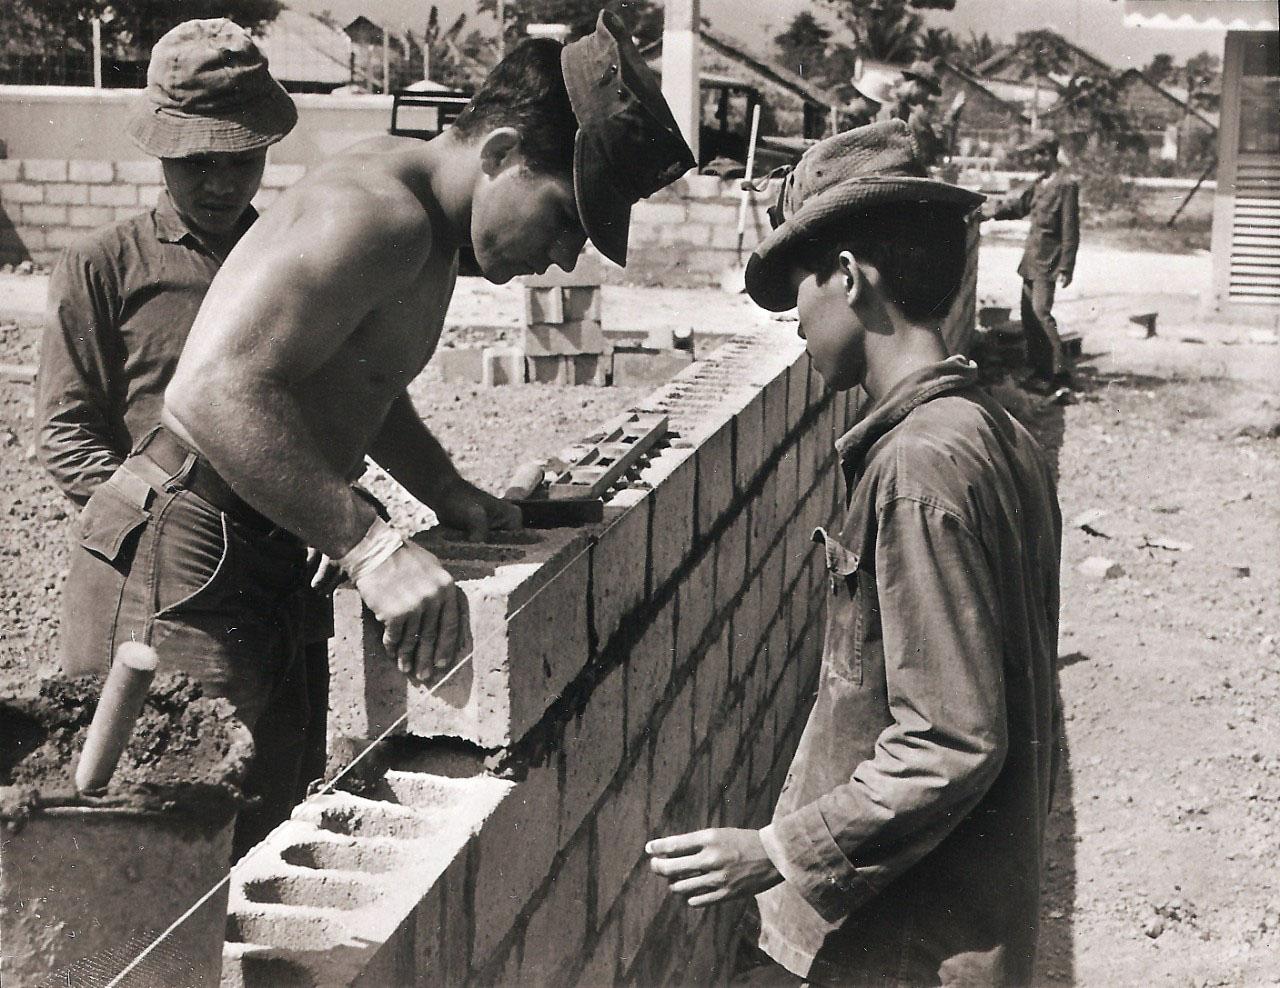 Quân đội Mỹ và người dân xây dựng căn cứ quân đội ở Châu Đốc xưa